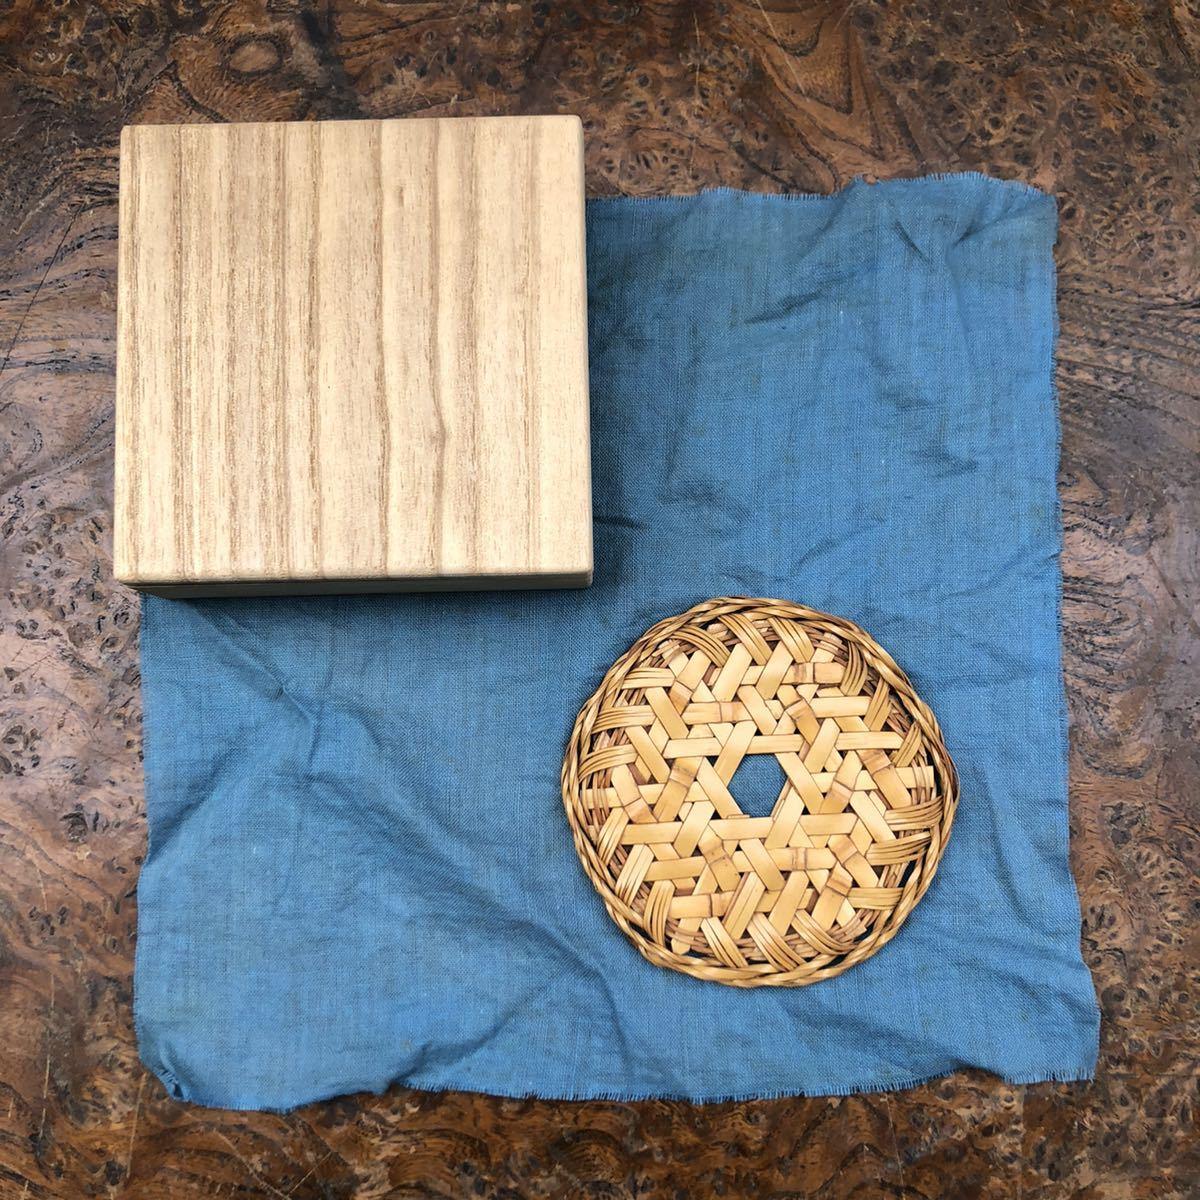 ◆正々斎 造 白竹亀甲編 瓶敷 瓶床 瓶座 白竹編 煎茶道具◆